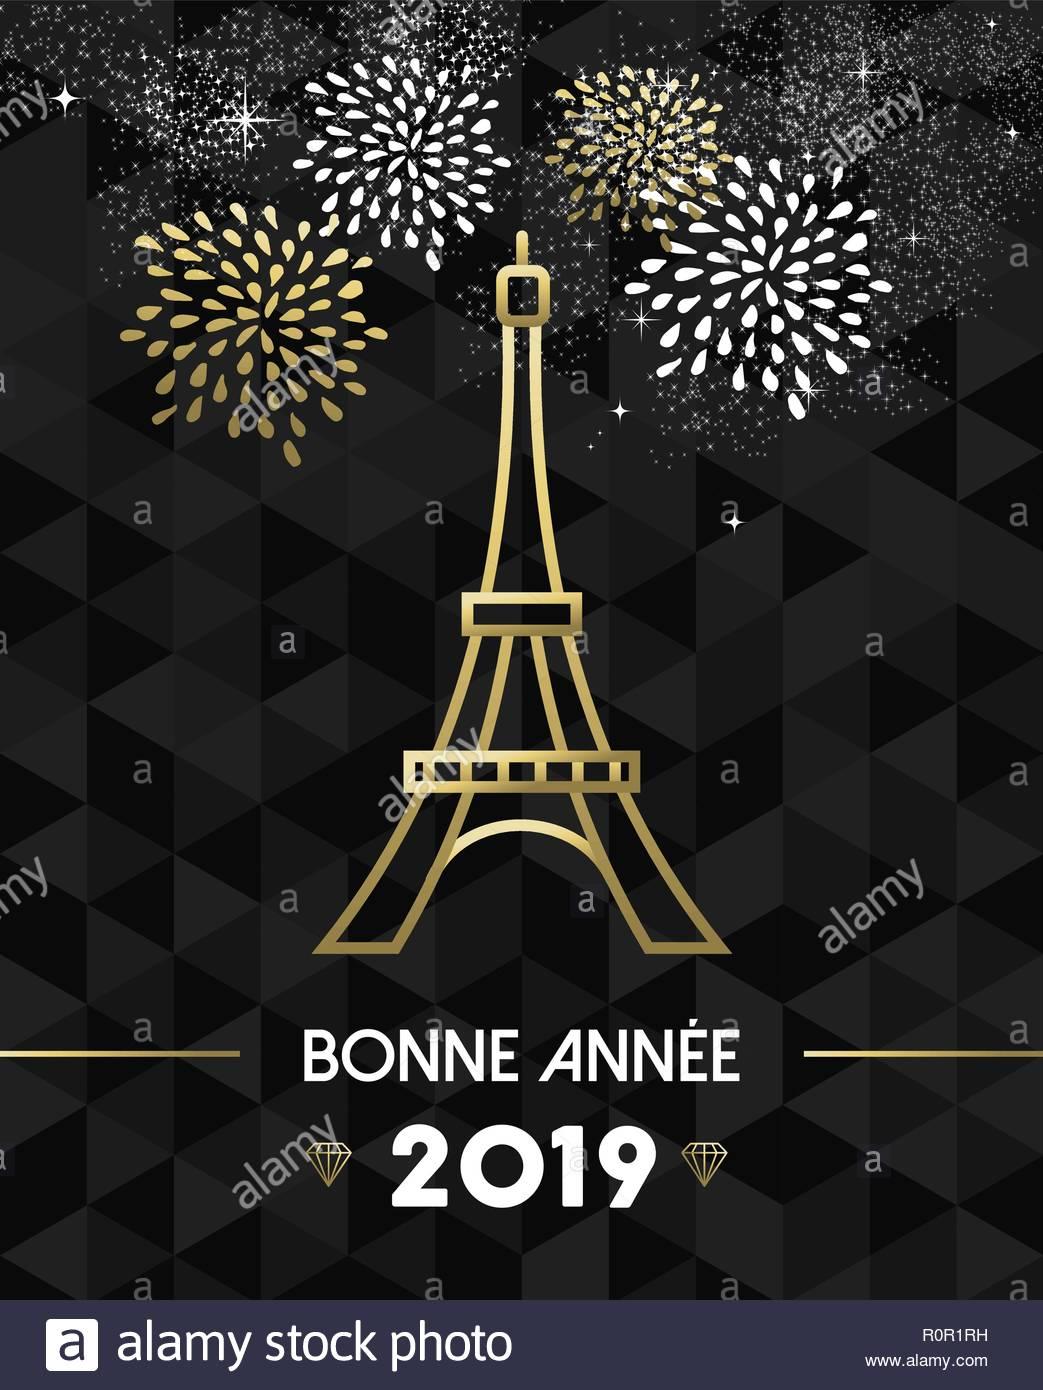 bonne-annee-2019-carte-de-voeux-avec-france-paris-tour-eiffel-monument-en-style-du-contour-de-...jpg